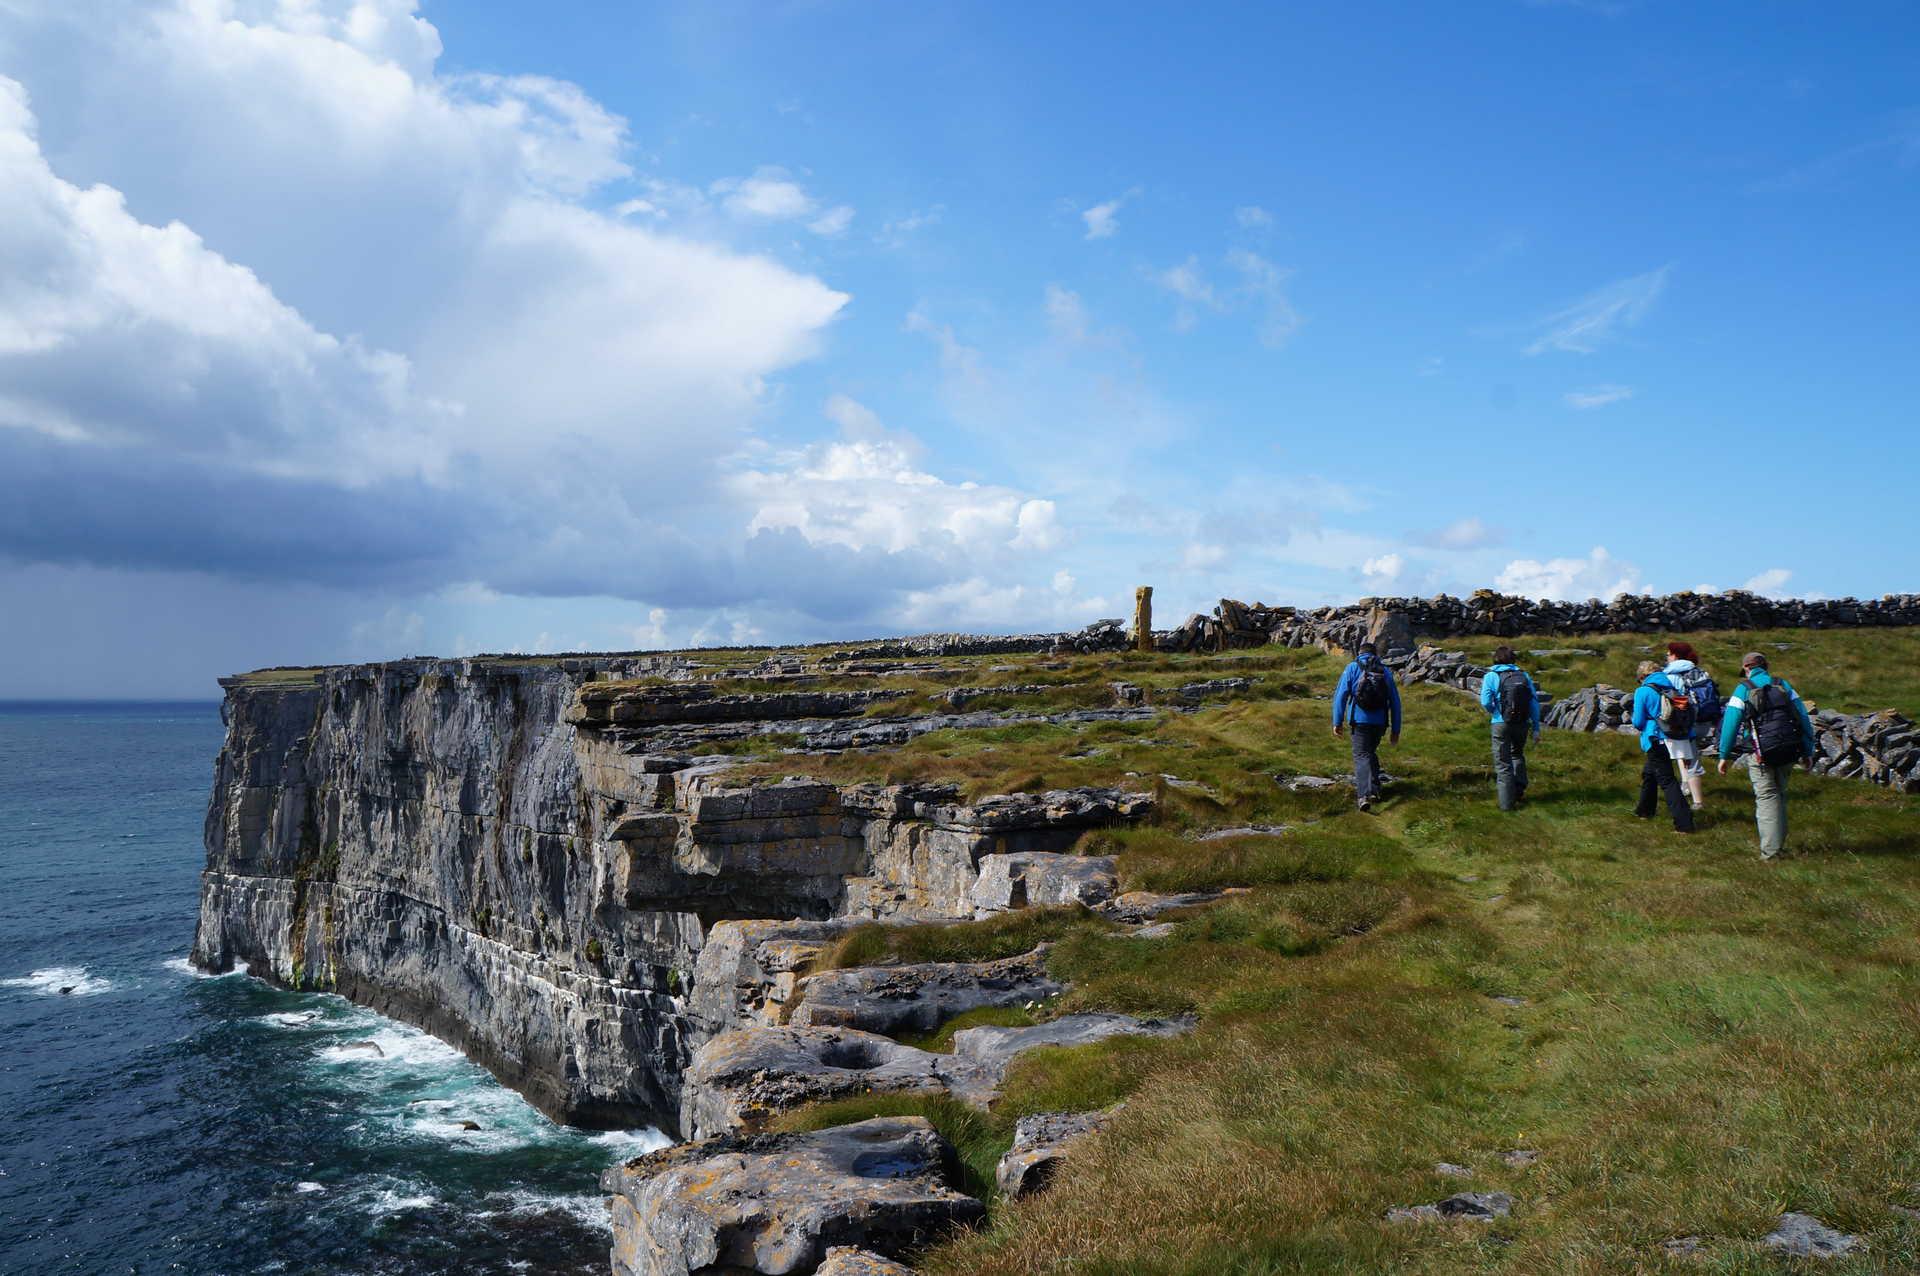 Groupe de randonneurs, Inishmore, archipel des Aran